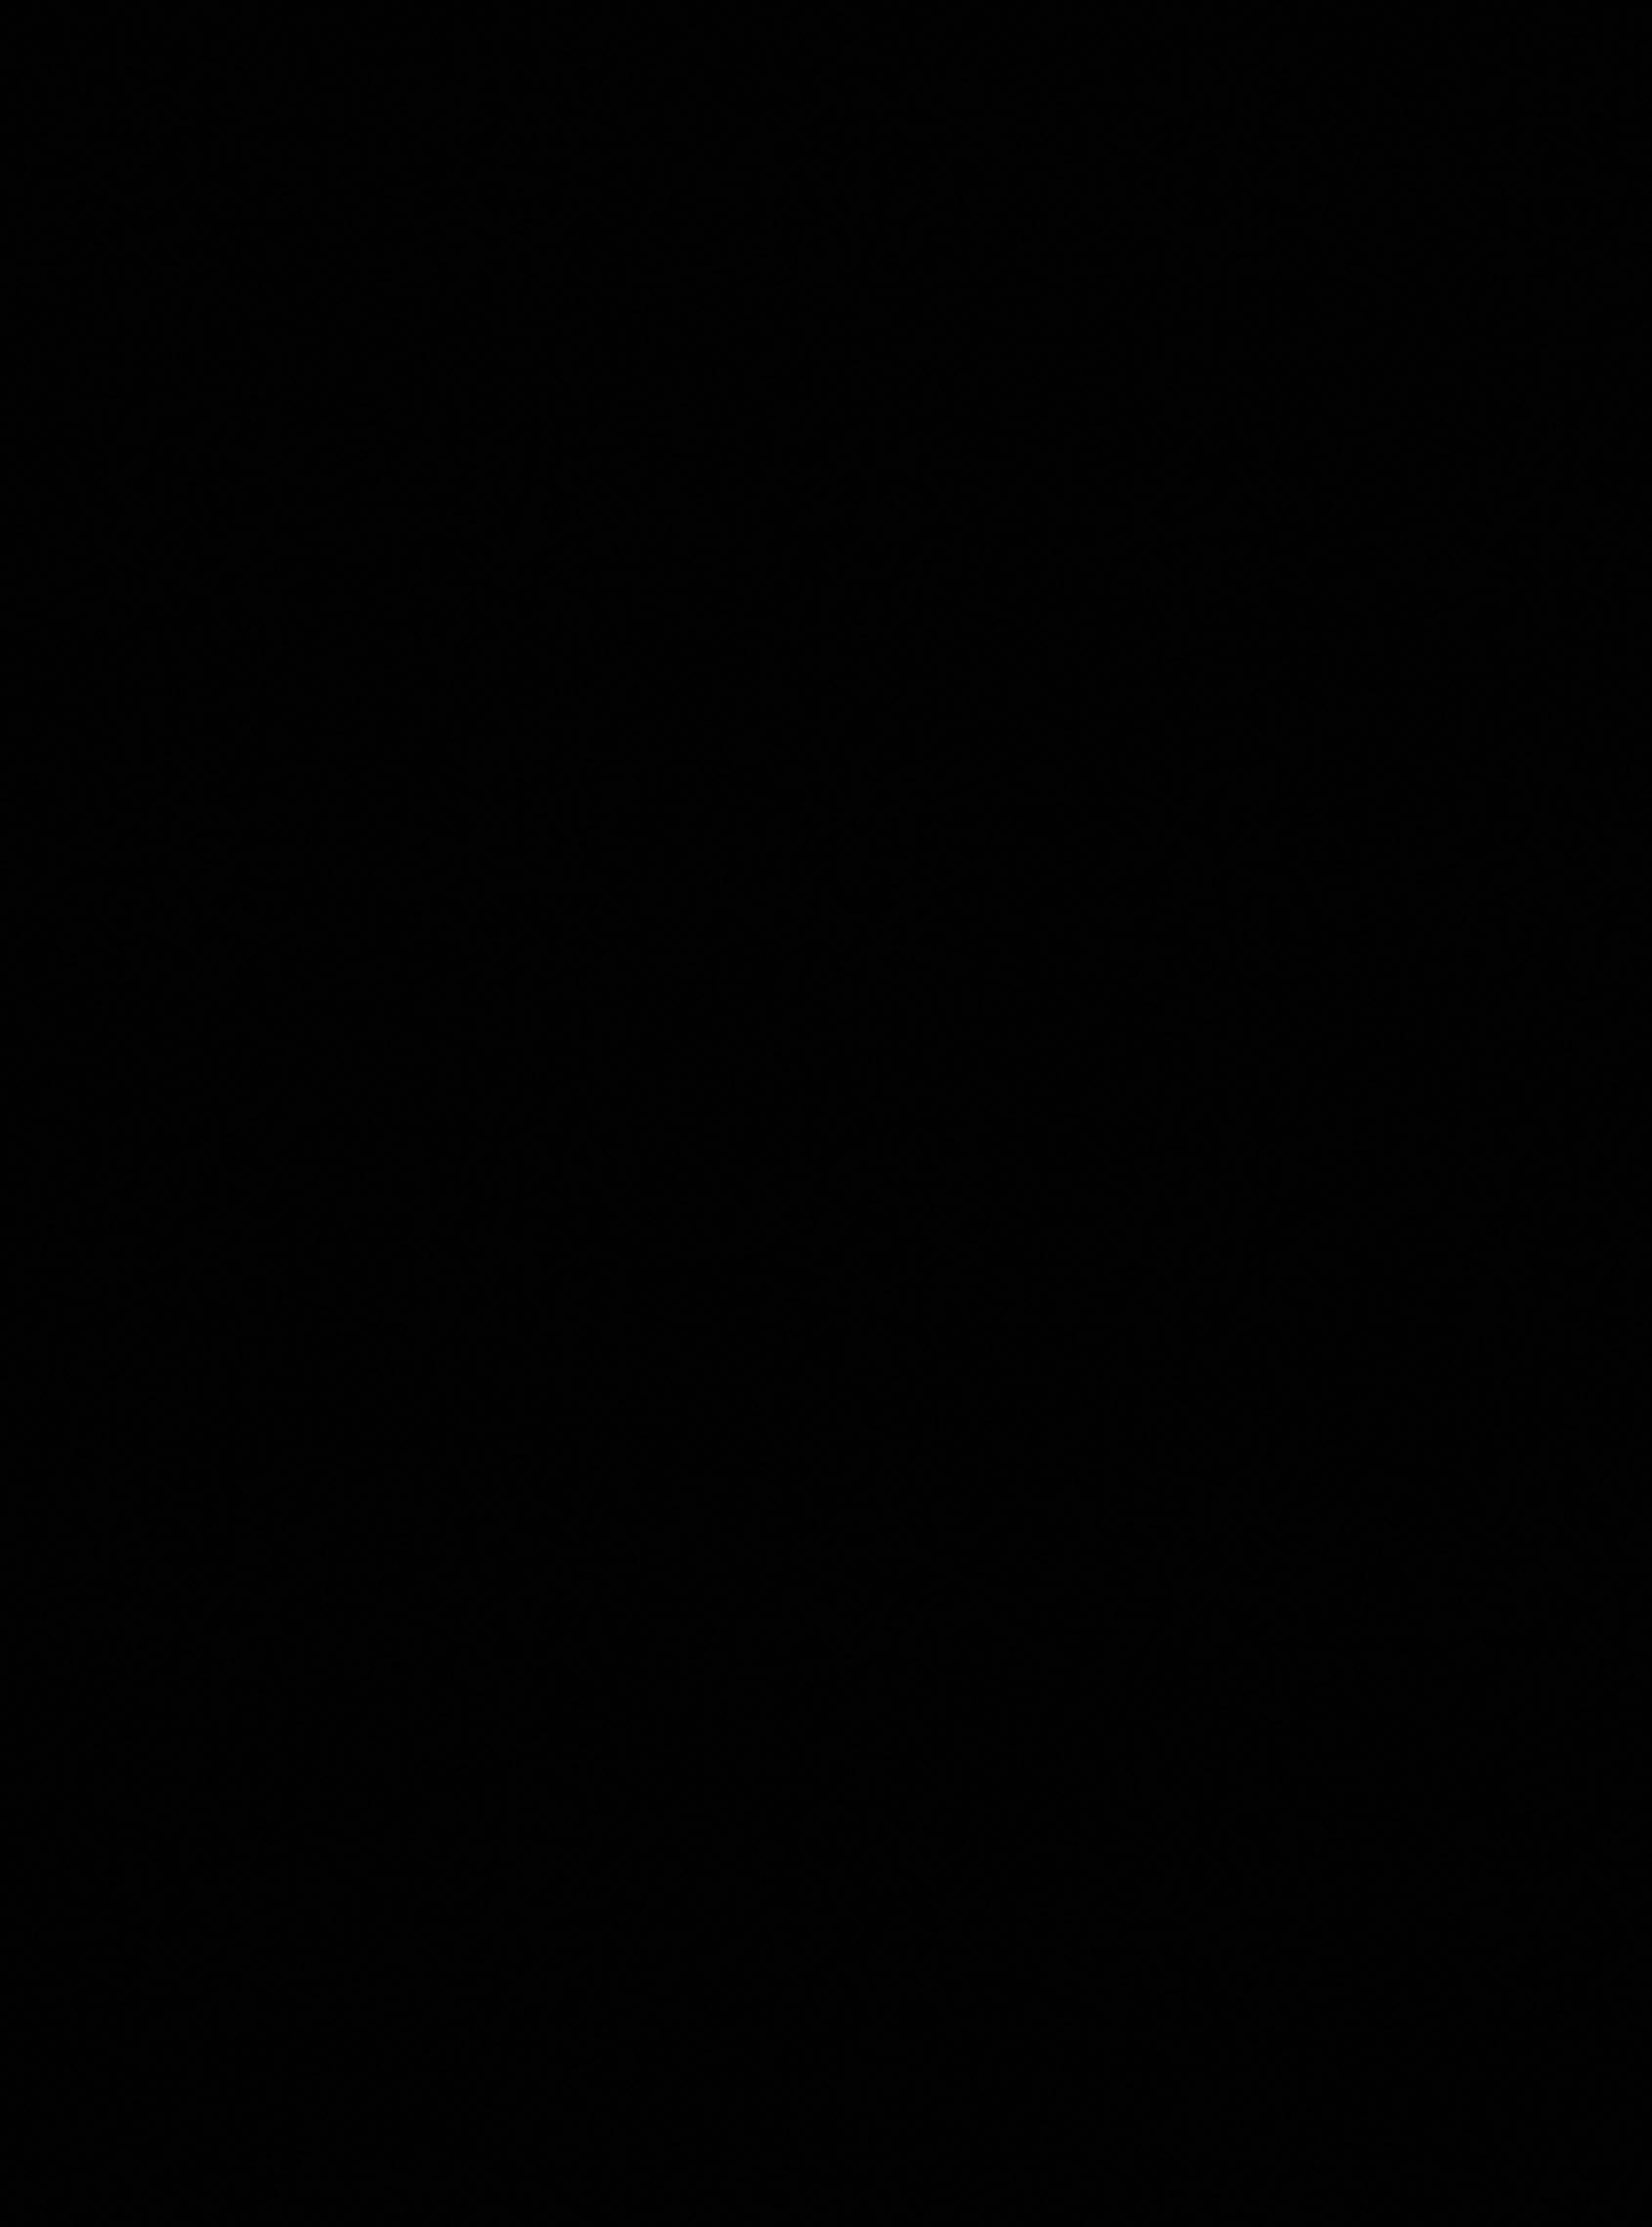 Бернбах Б., Левенсон Б.. Библия Билла Бернбаха. История рекламы, которая изменила рекламный бизнес